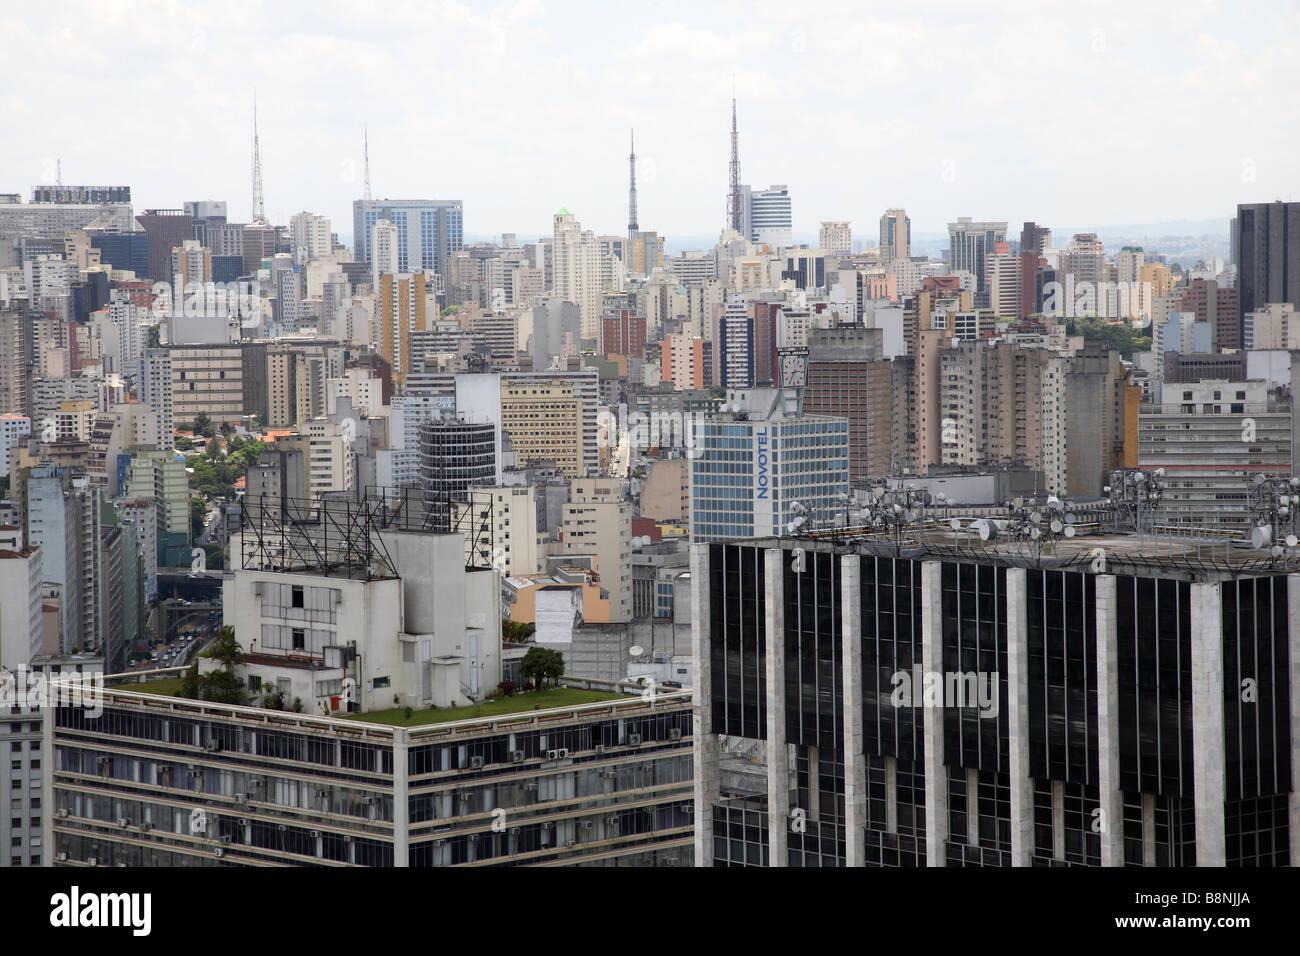 El horizonte de la ciudad de Sao Paulo, en Brasil. Imagen De Stock